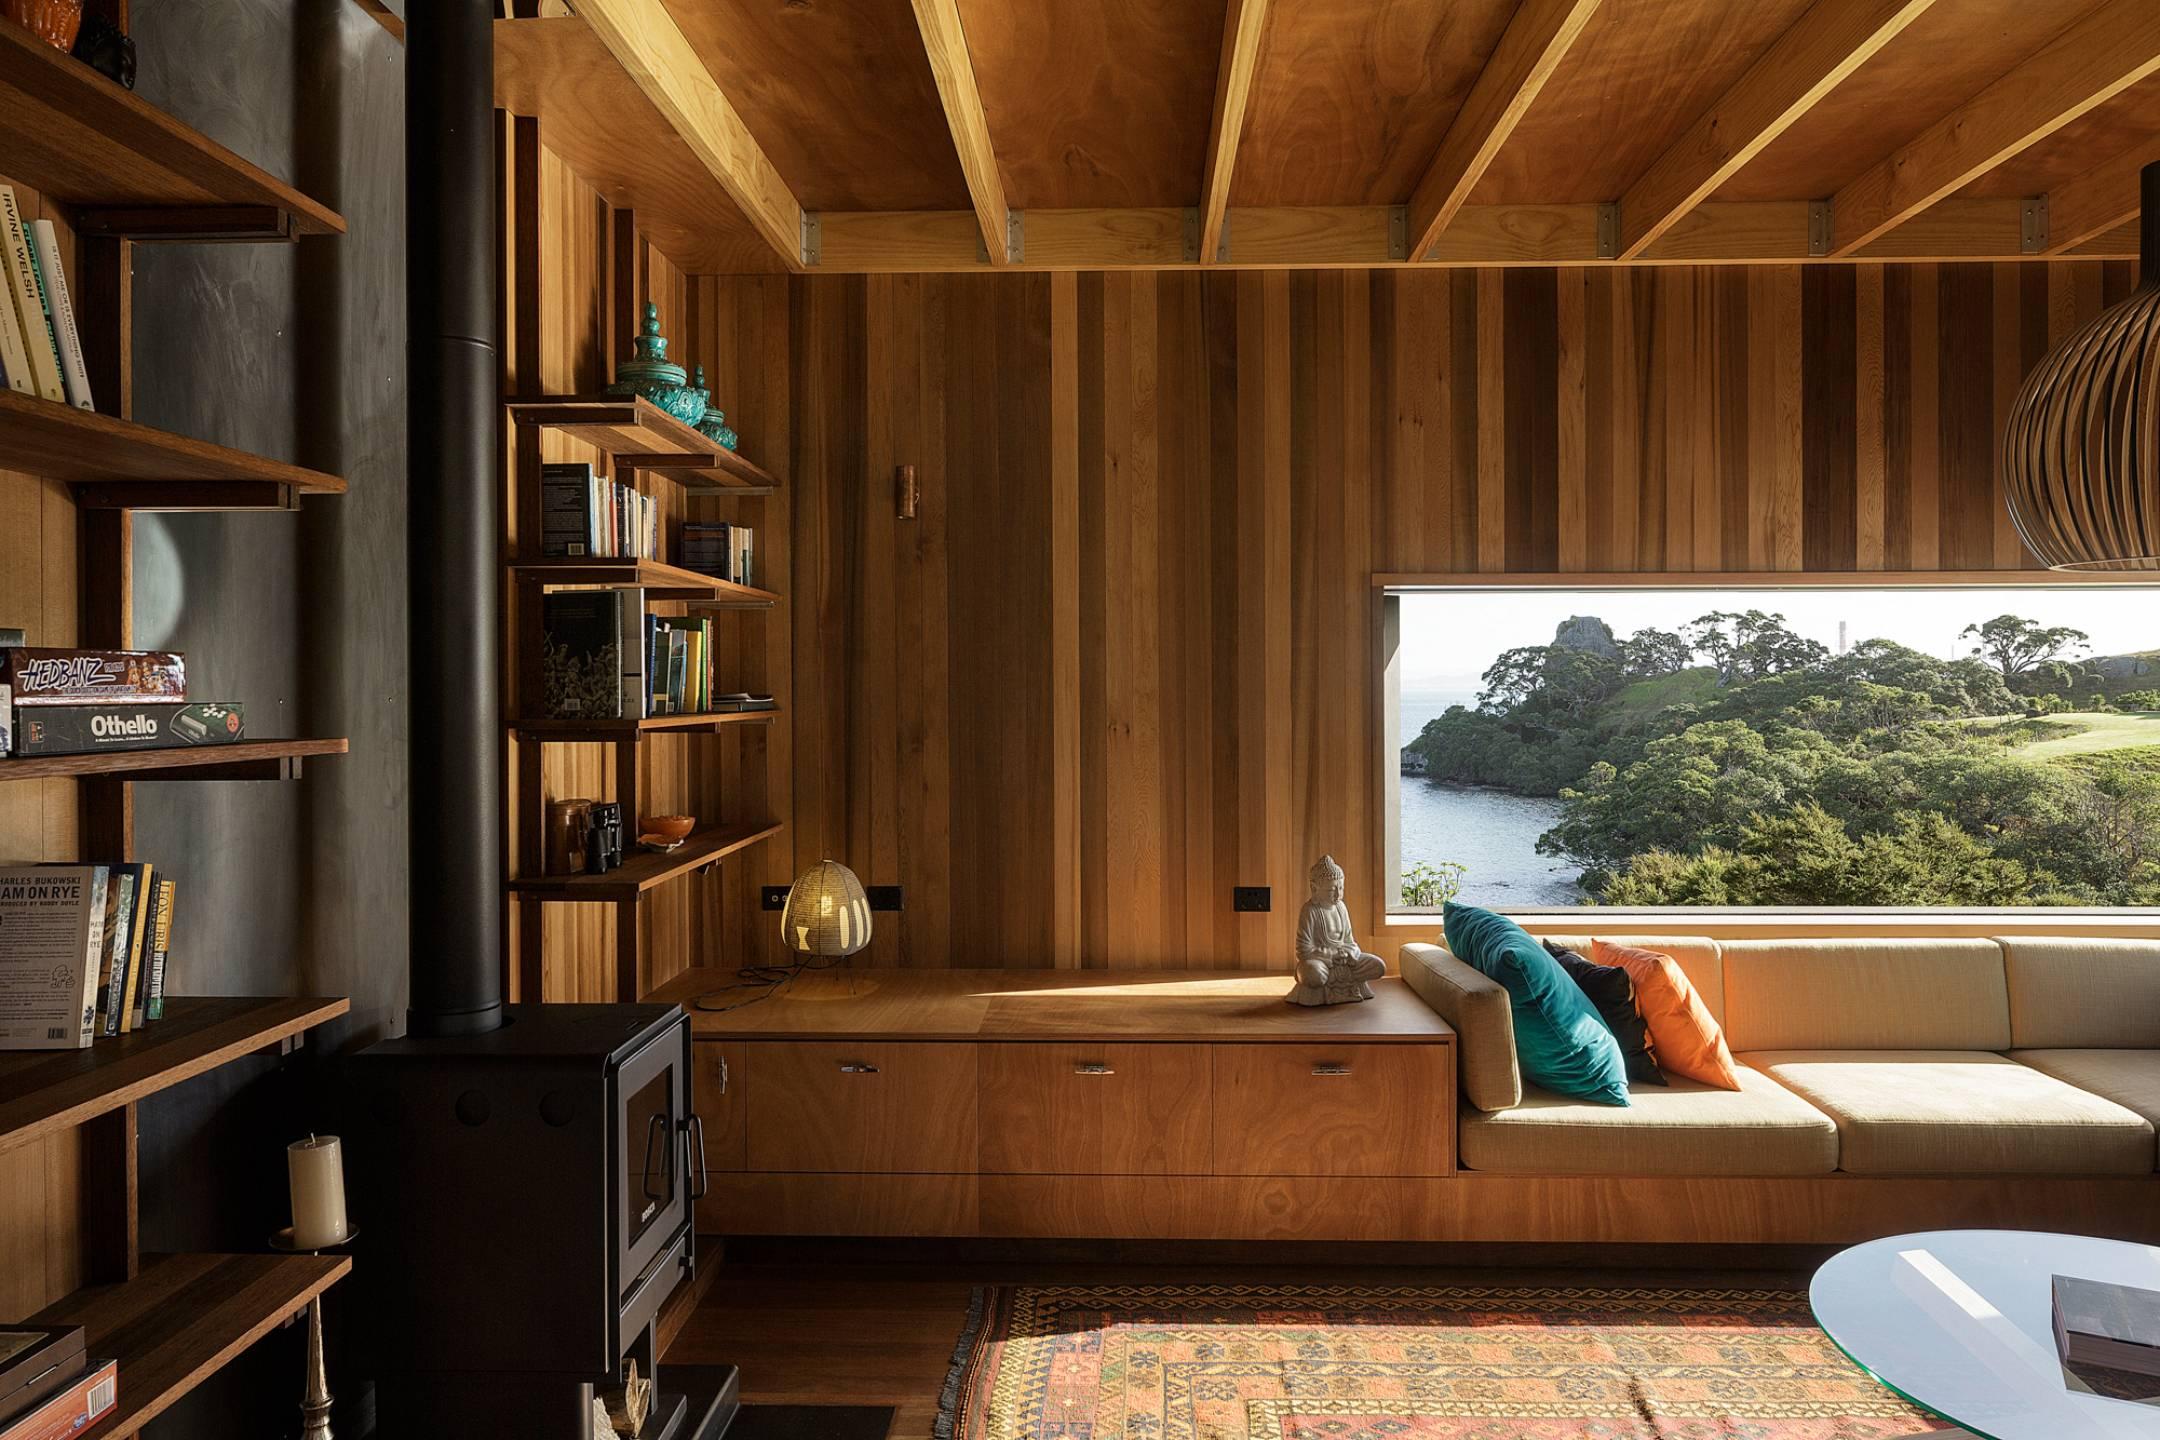 Comfy Wooden Living Room Wallpaper 2160x1440 ID61739 2160x1440